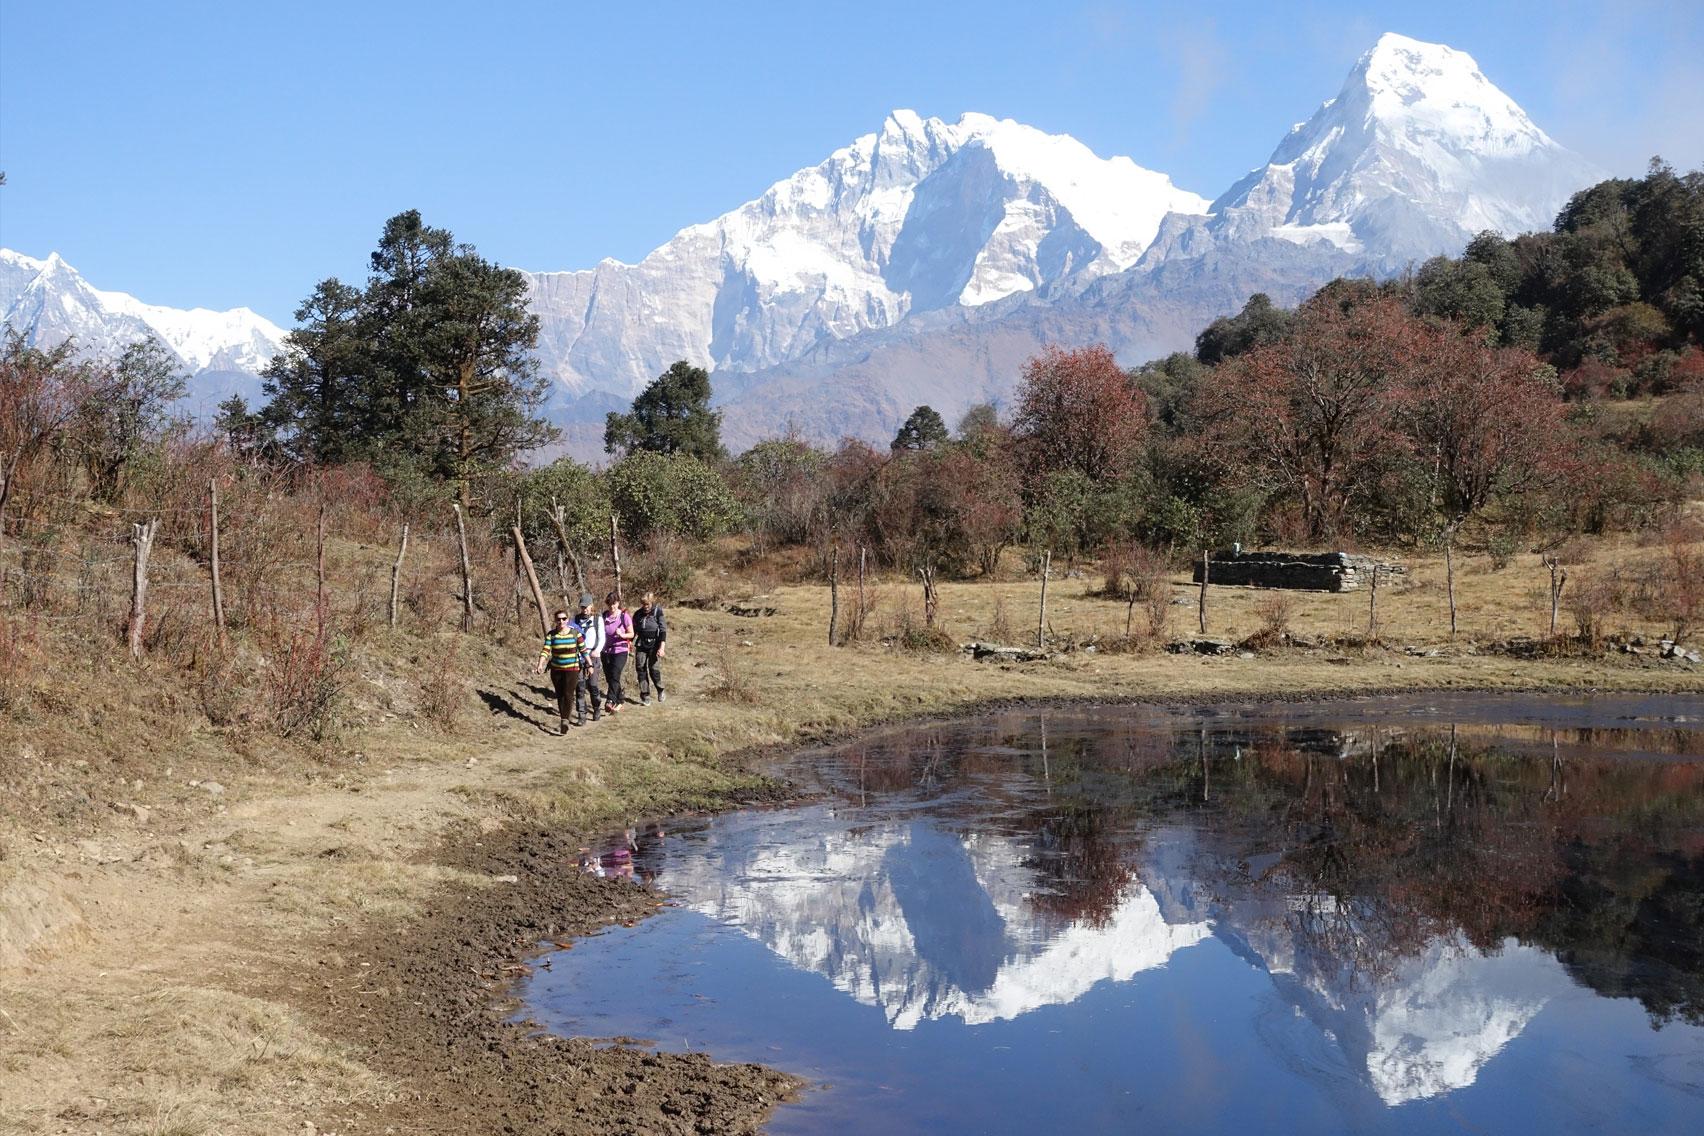 Day 6: Trek from Mohare Danda (3300m) to Tikot (4hrs, 2250m)